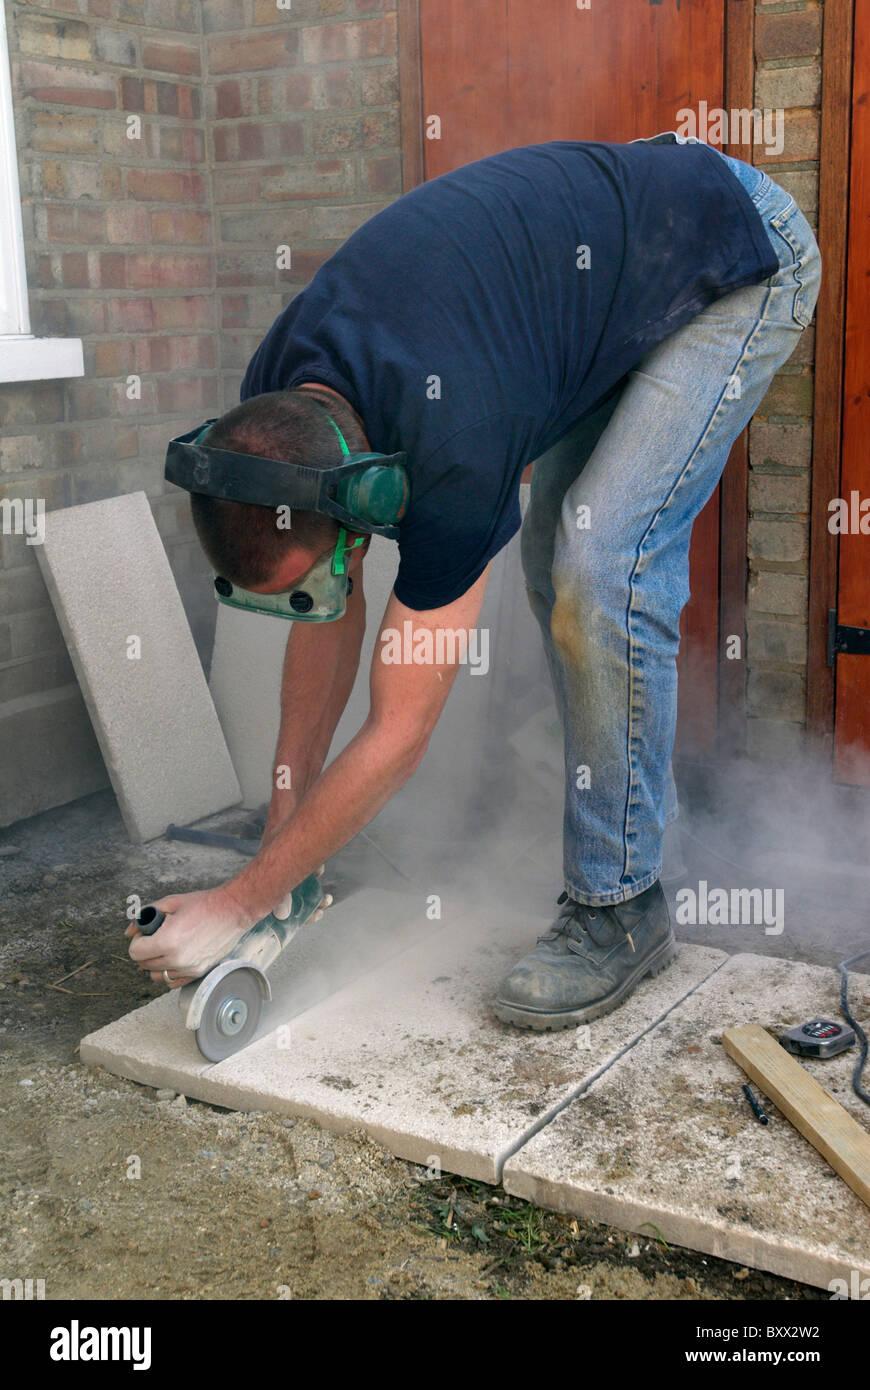 mann schneiden pflastersteine mit cutter stockfoto, bild: 33764446